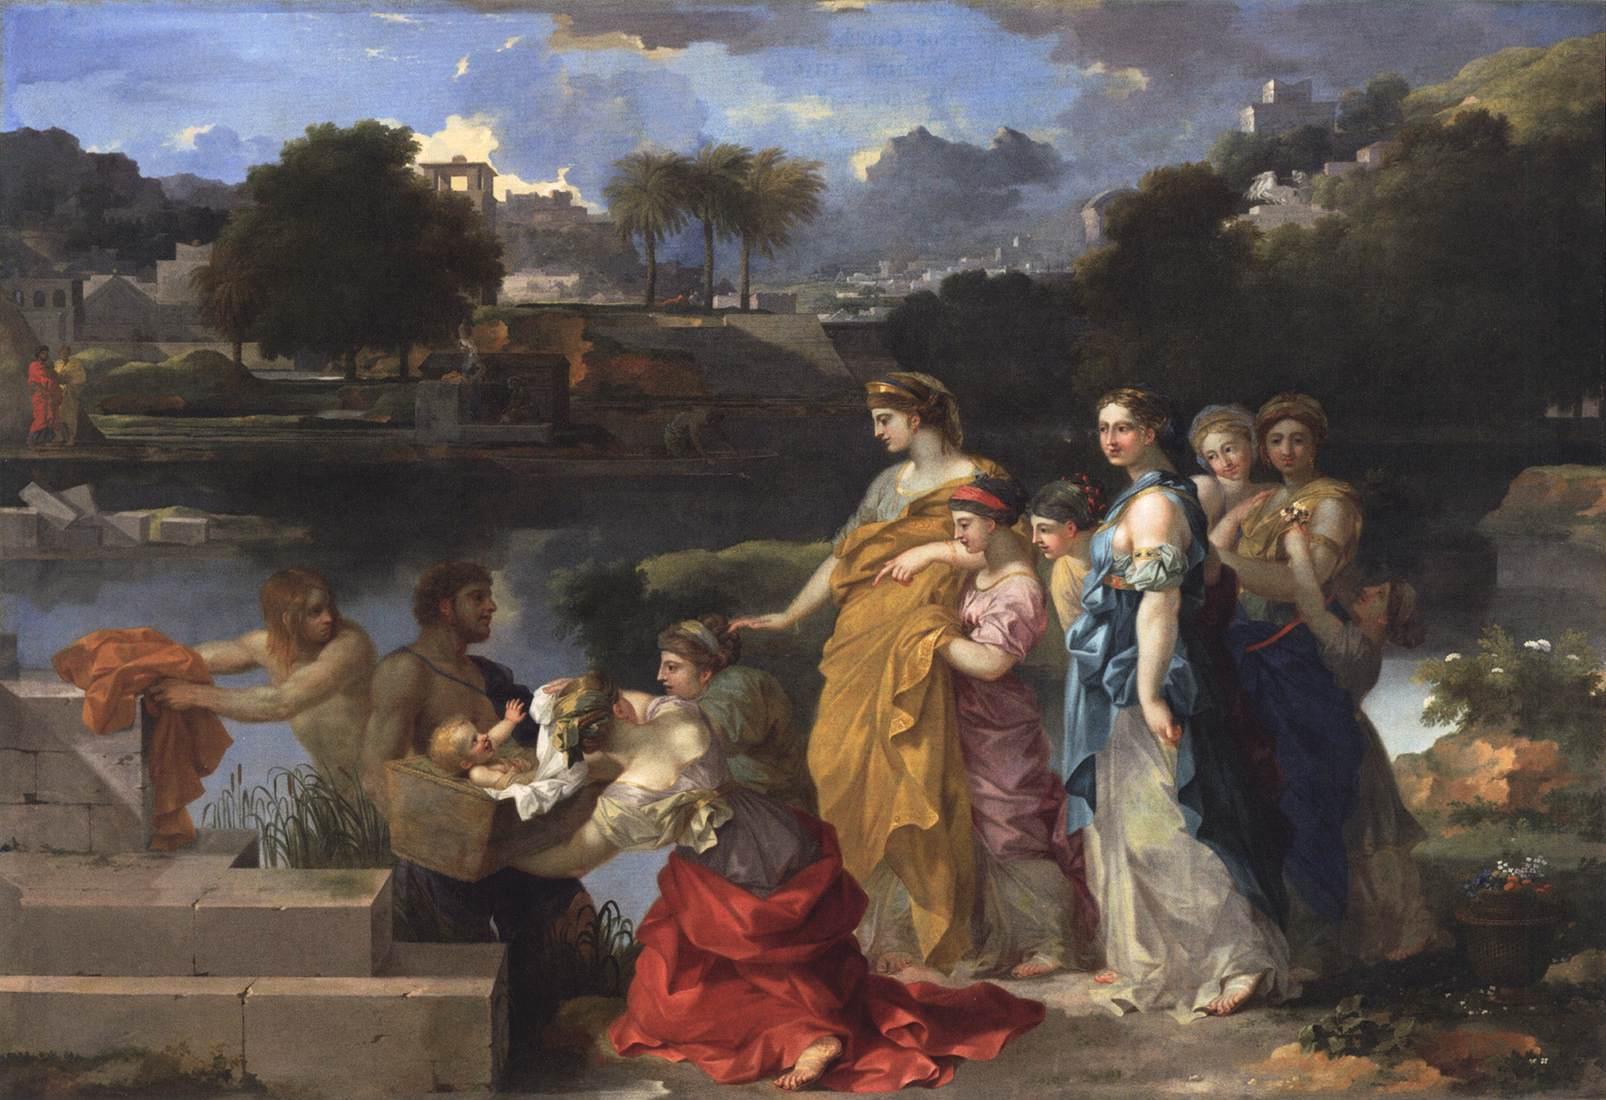 Sébastien Bourdon. Moïse sauvé des eaux (1655-60)